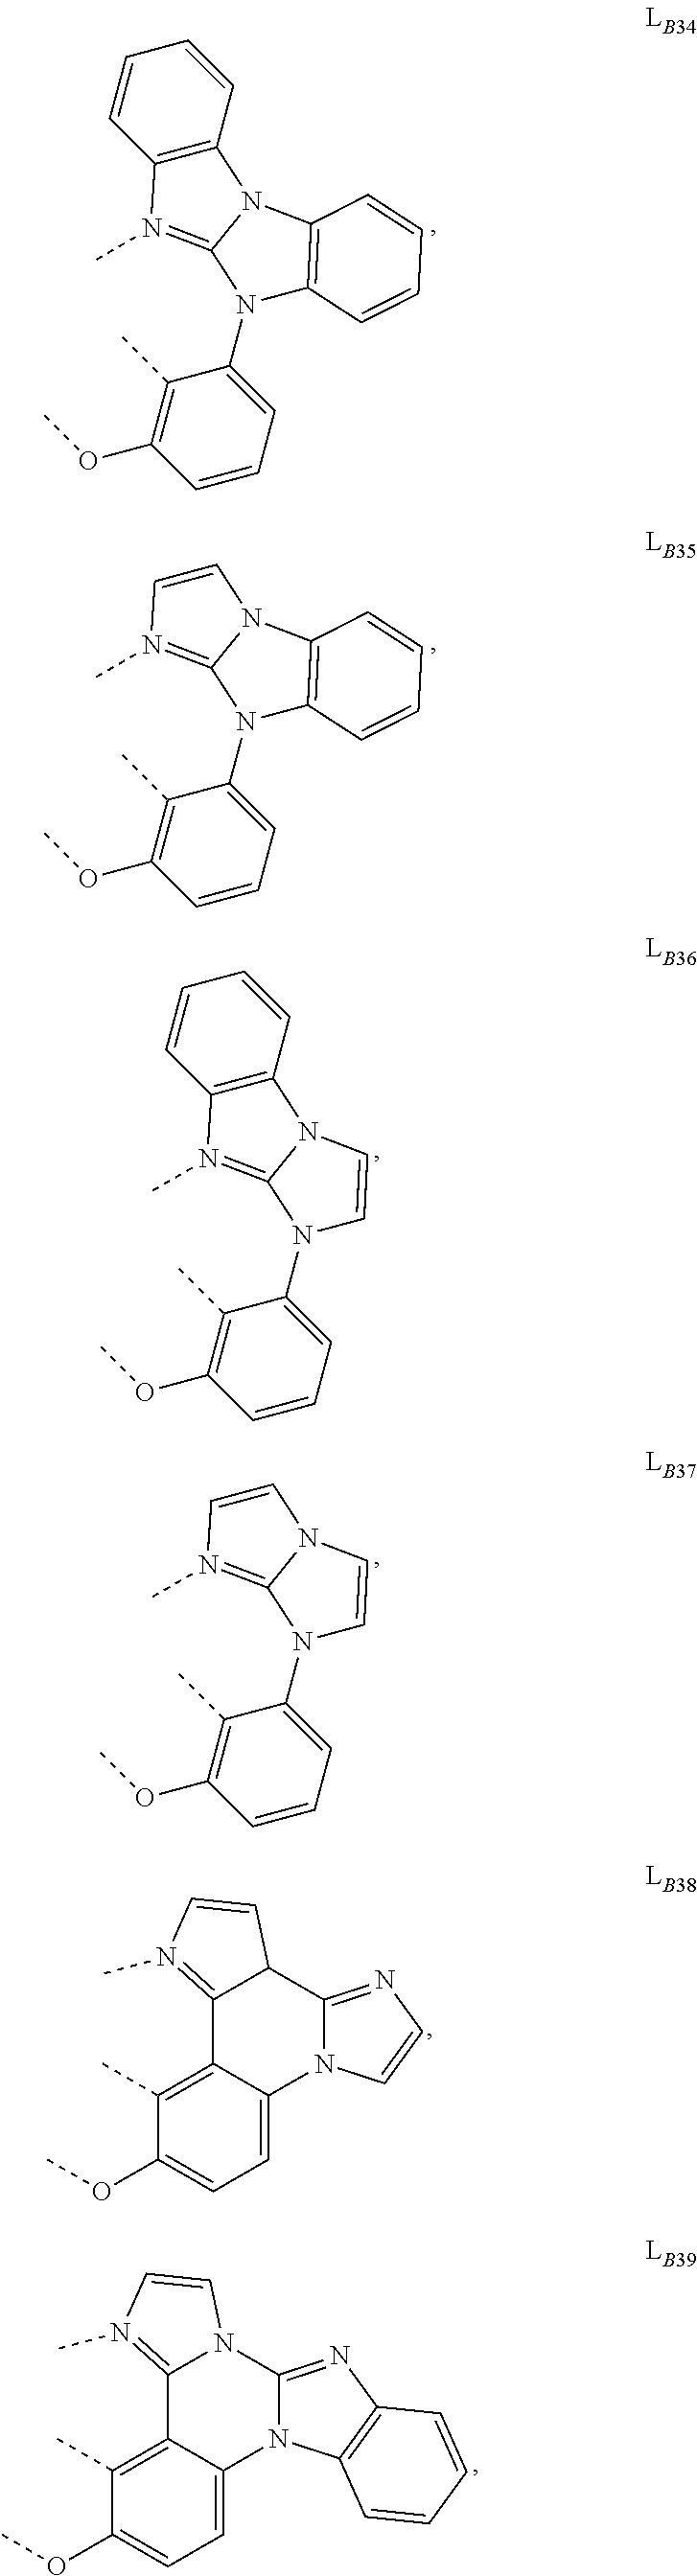 Figure US10301338-20190528-C00029